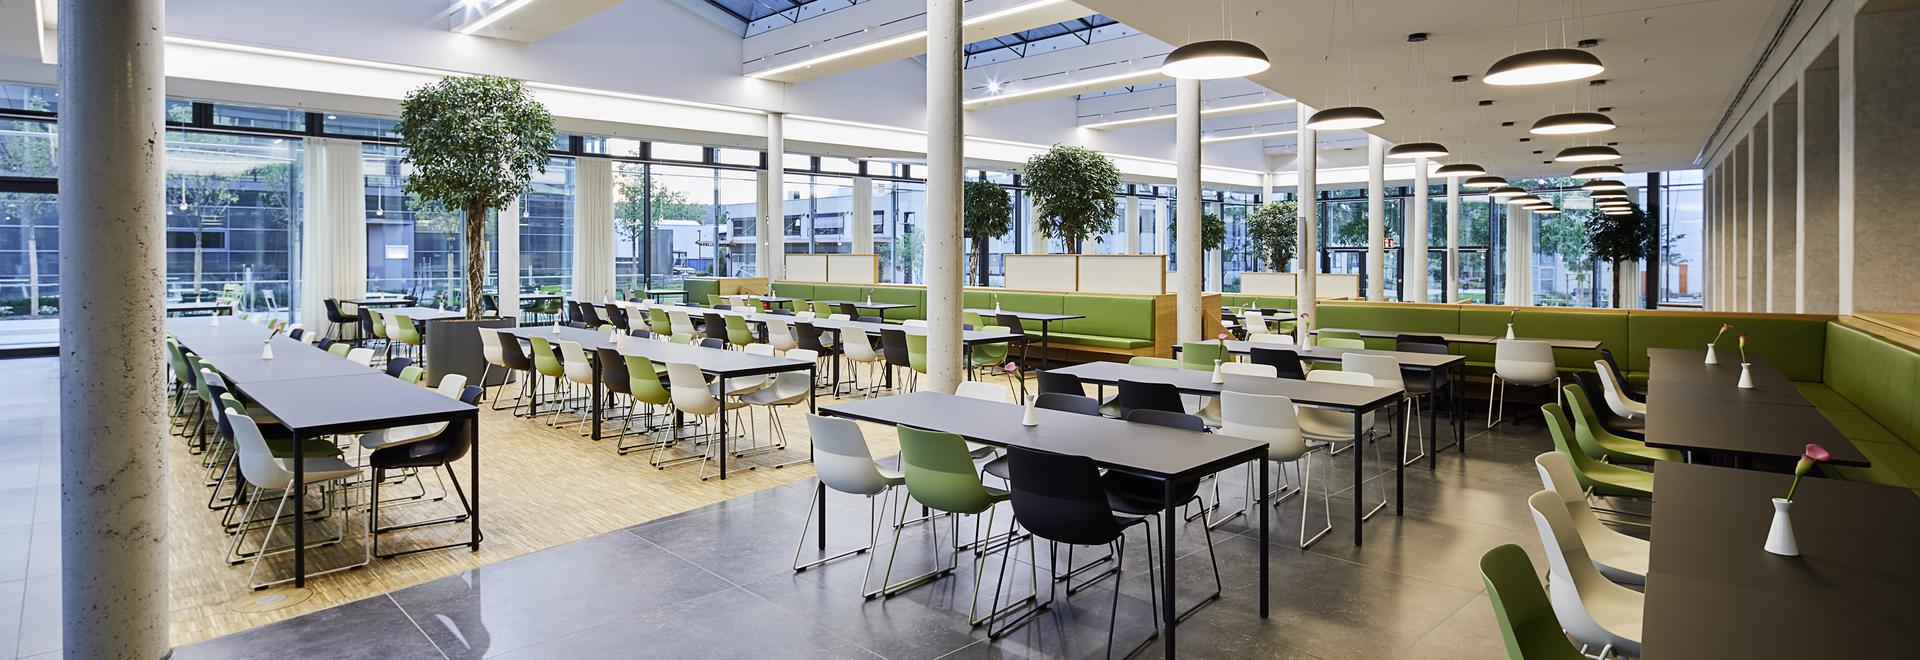 Srtorius Campus - Alemania